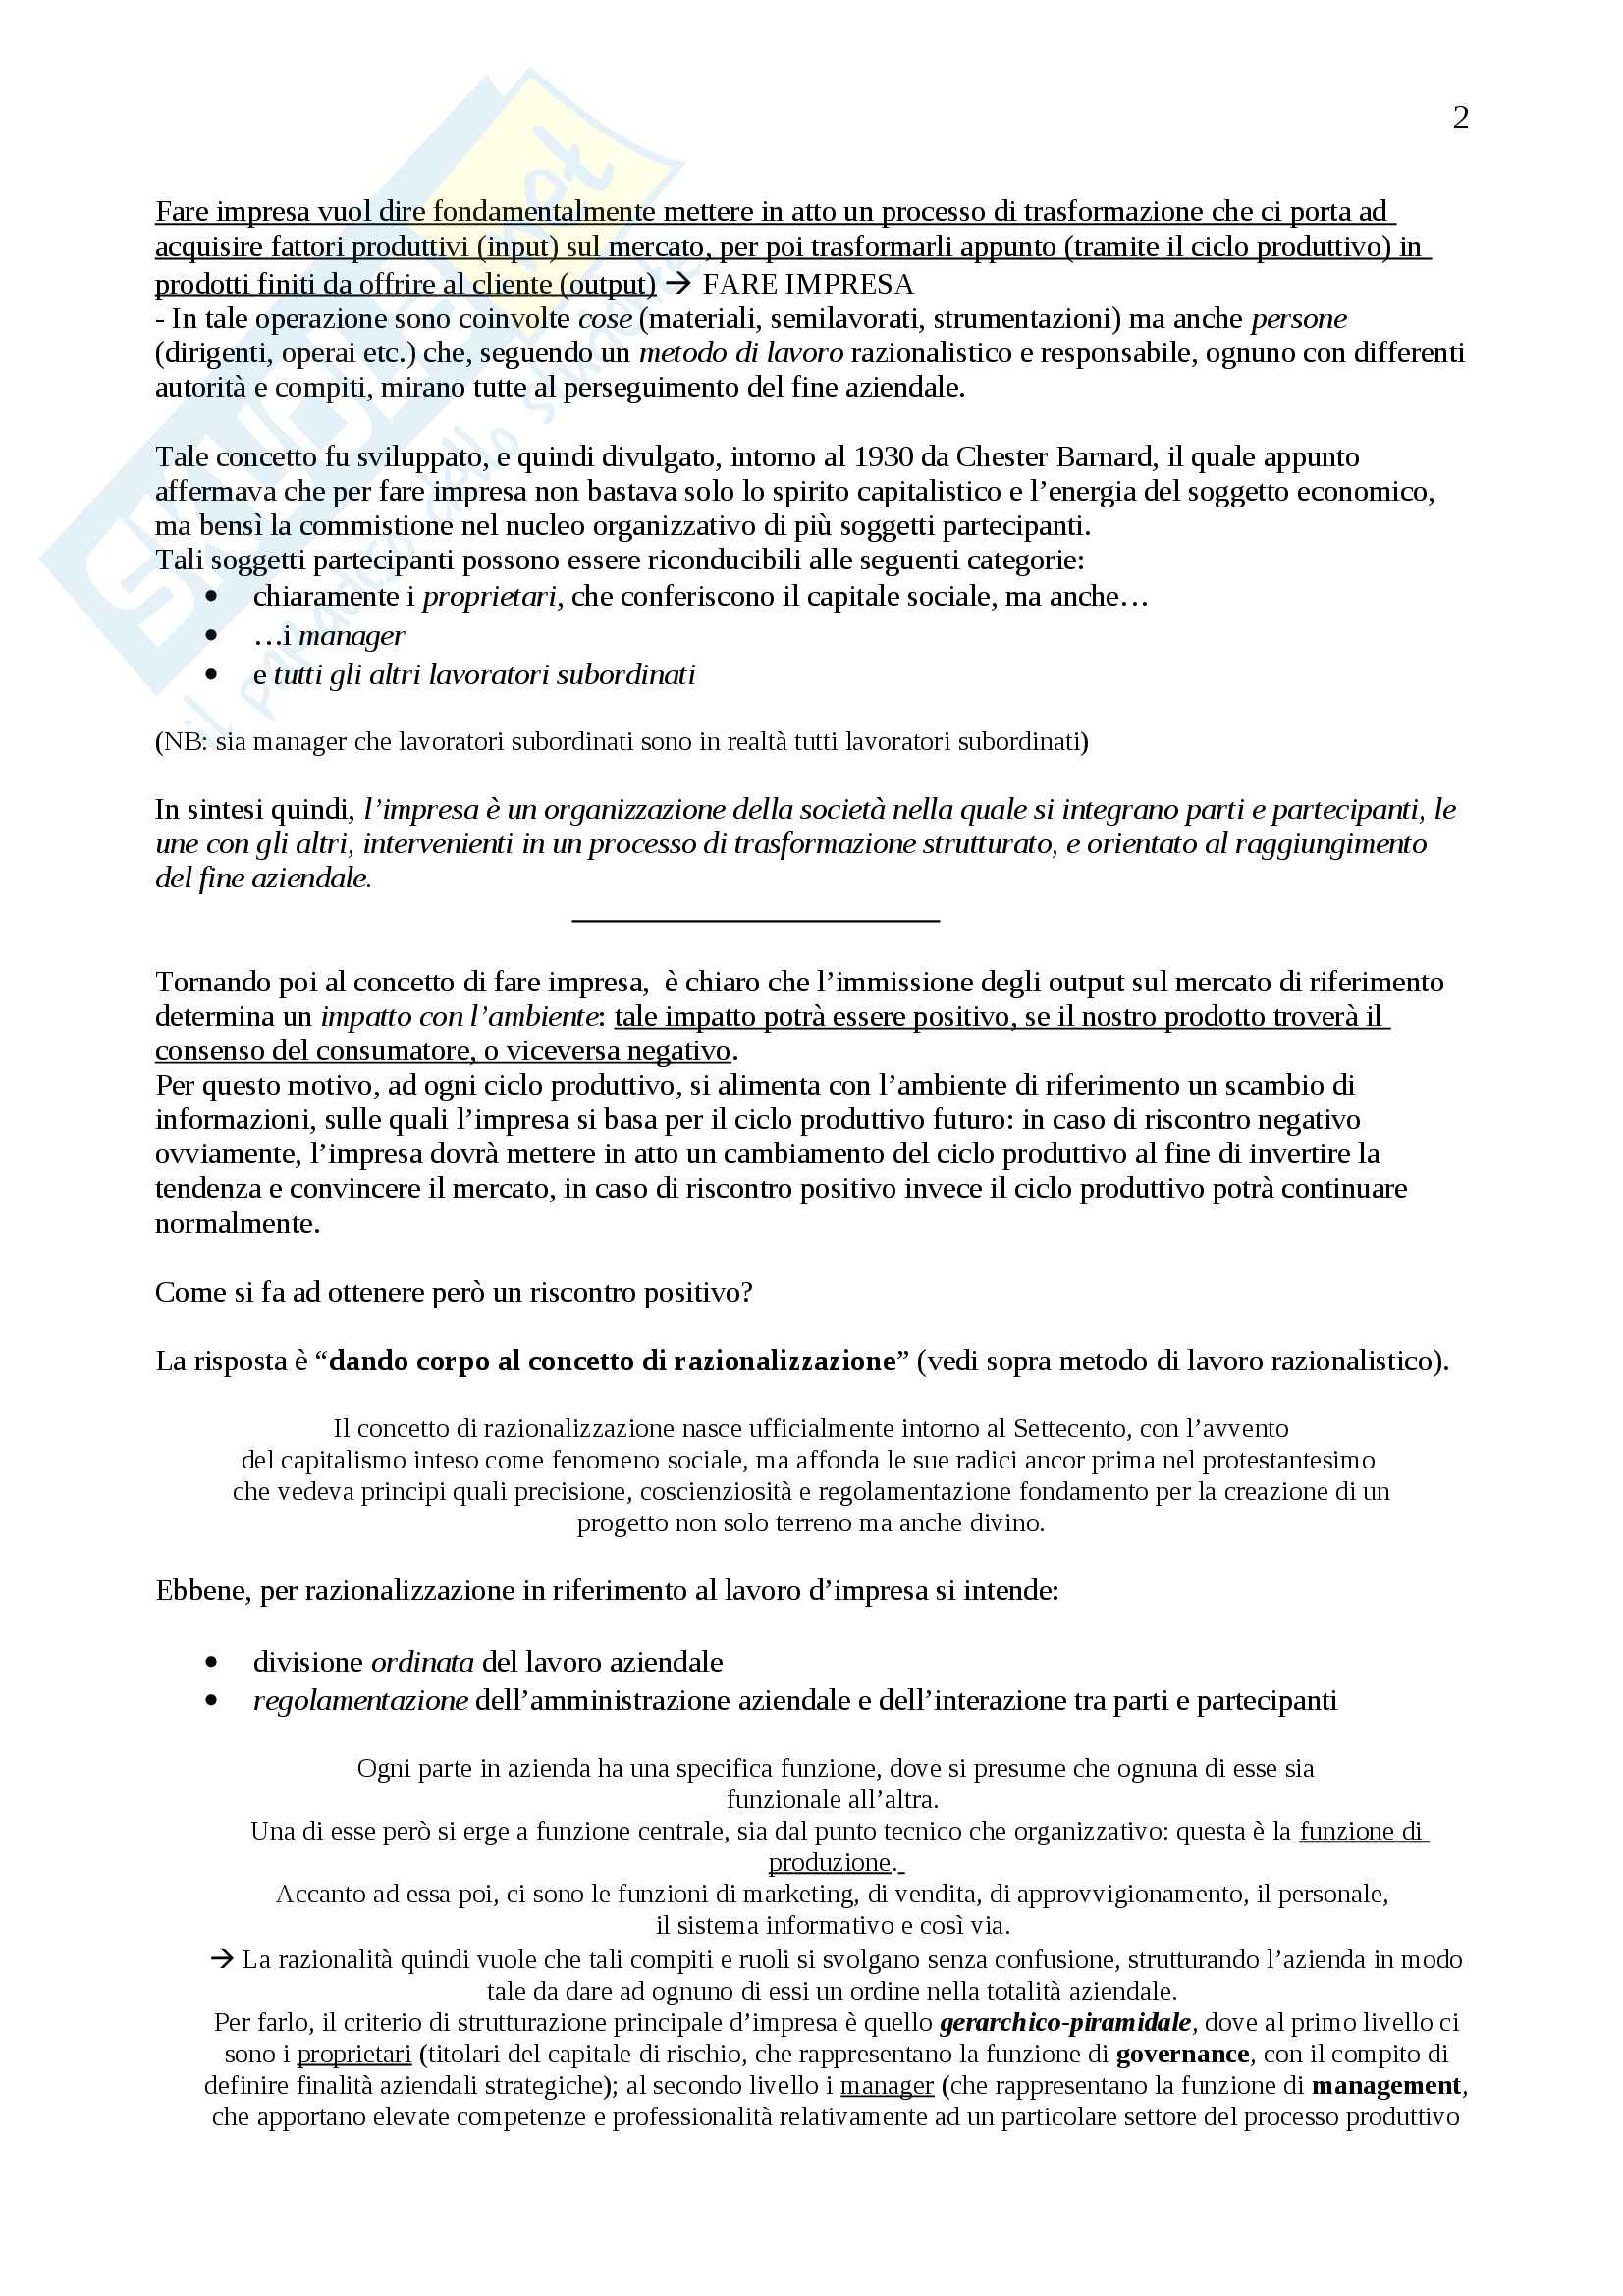 Appunti Economia e gestione delle imprese, Prof. Vagnani Pag. 2